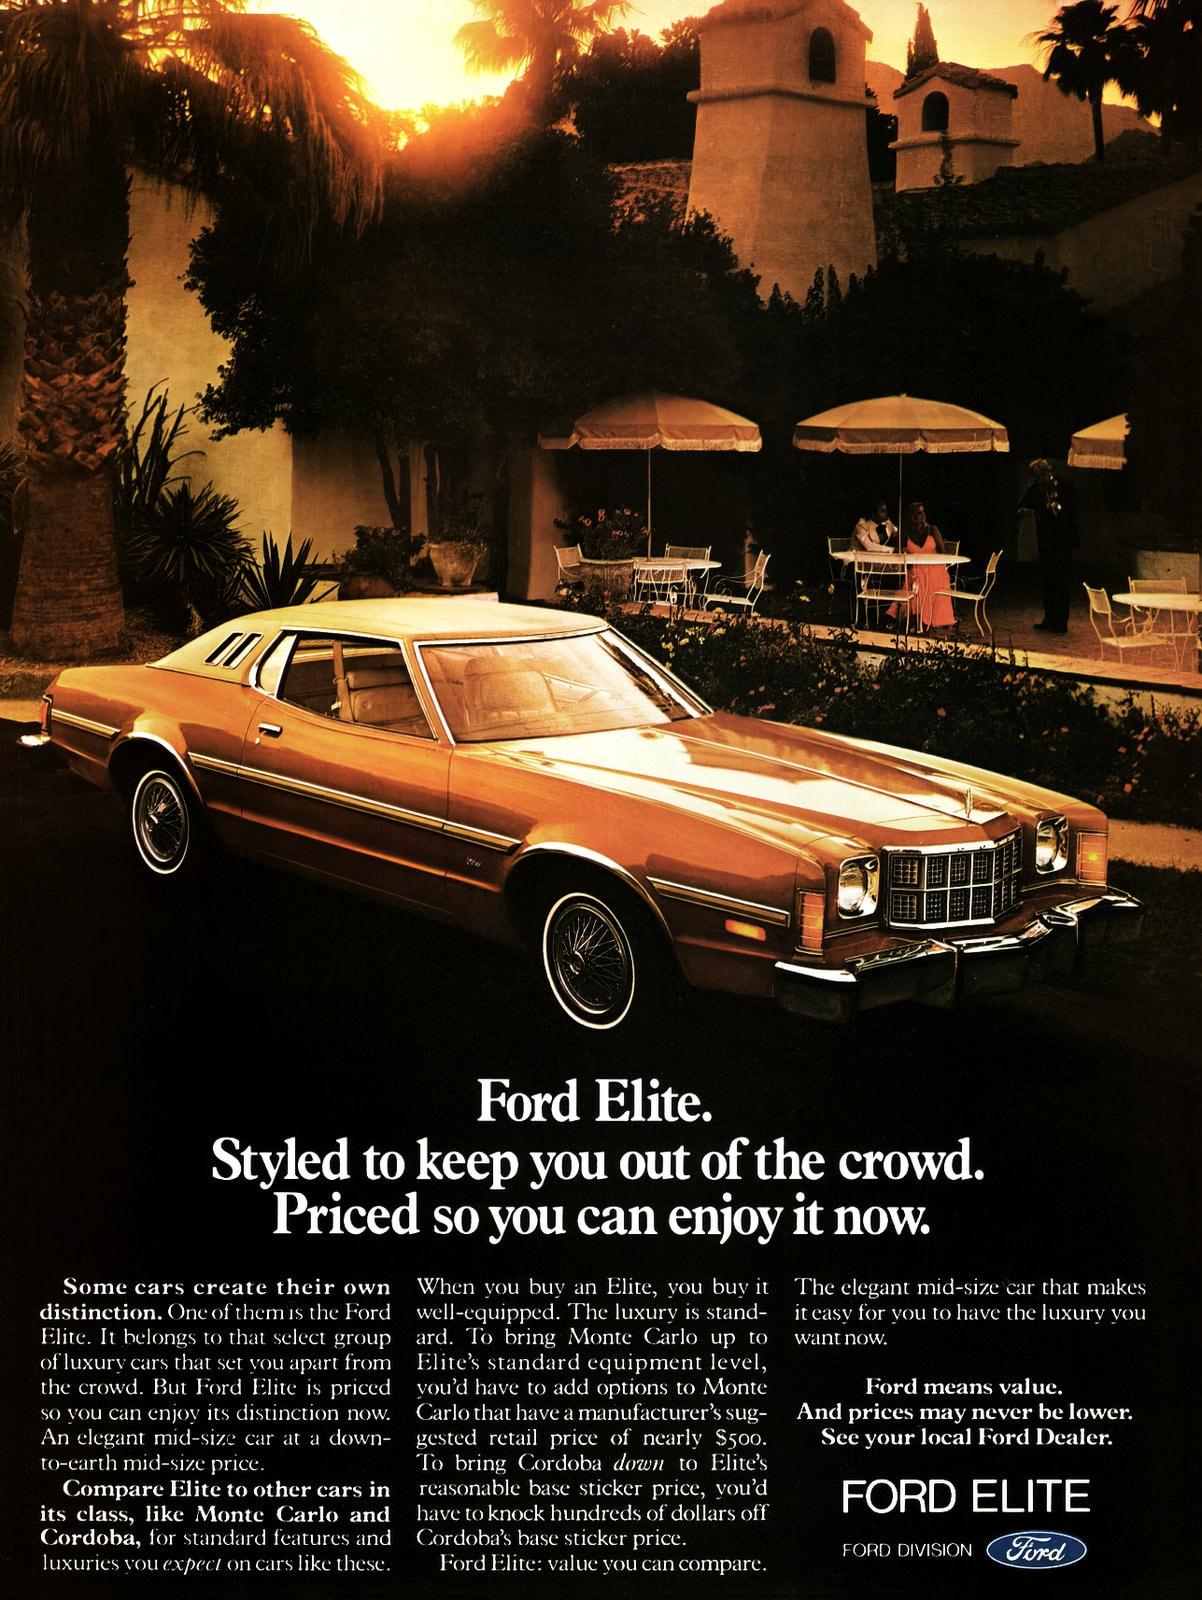 Vintage 1975 Ford Elite cars